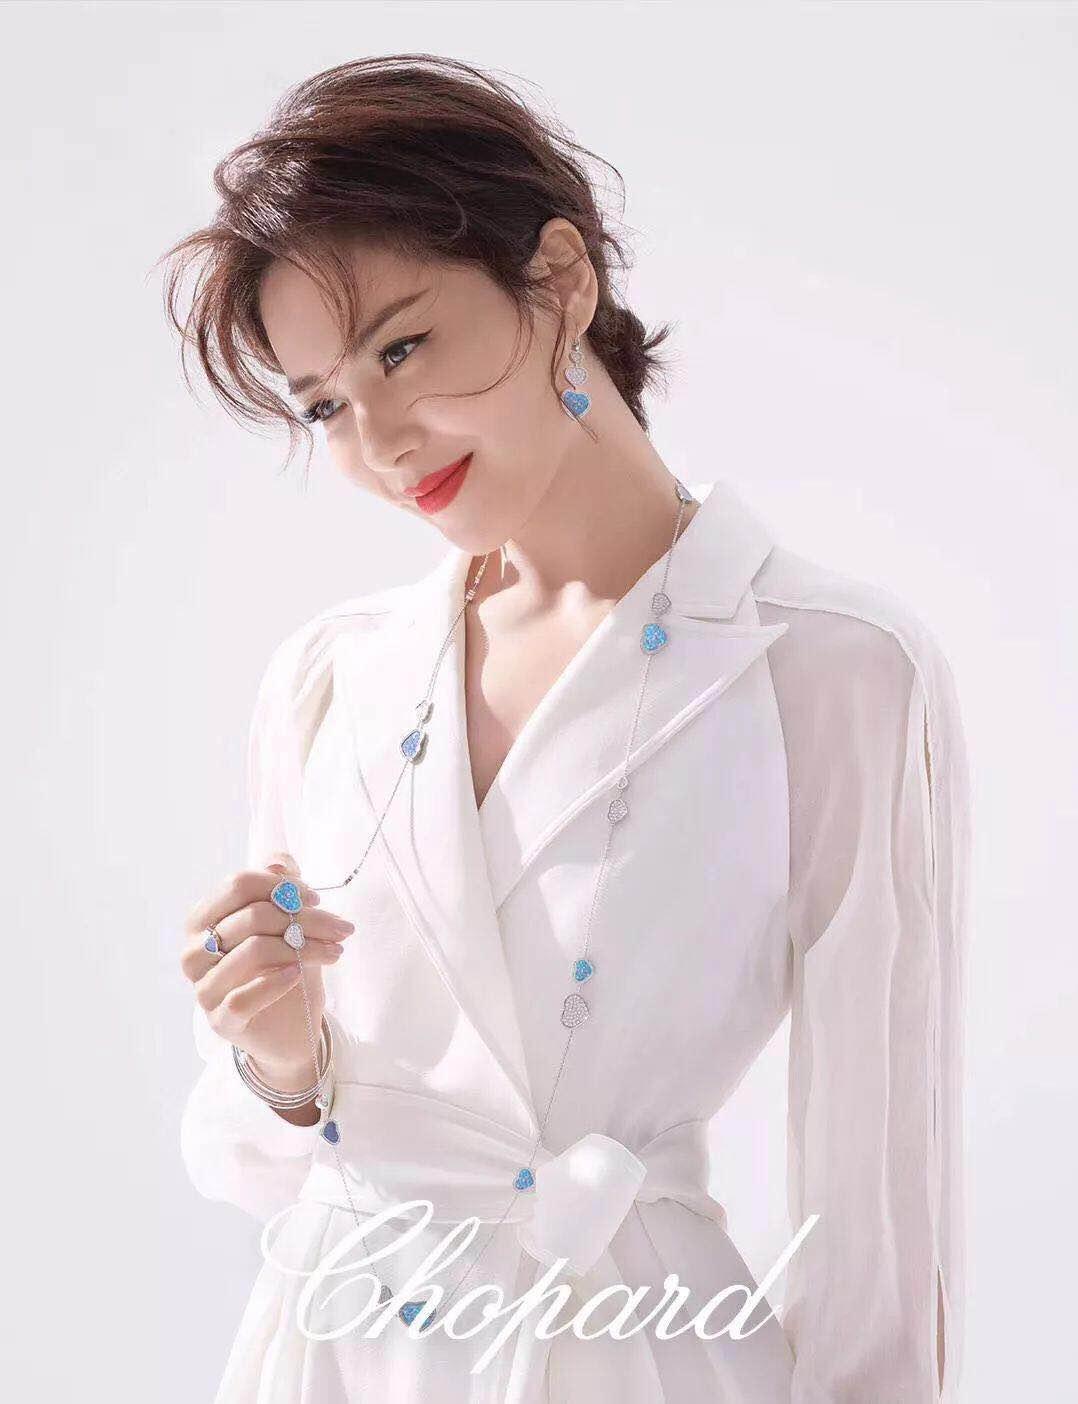 【炫研】2018新款欧美高端女装刘涛同款大牌新款风衣连衣裙18091